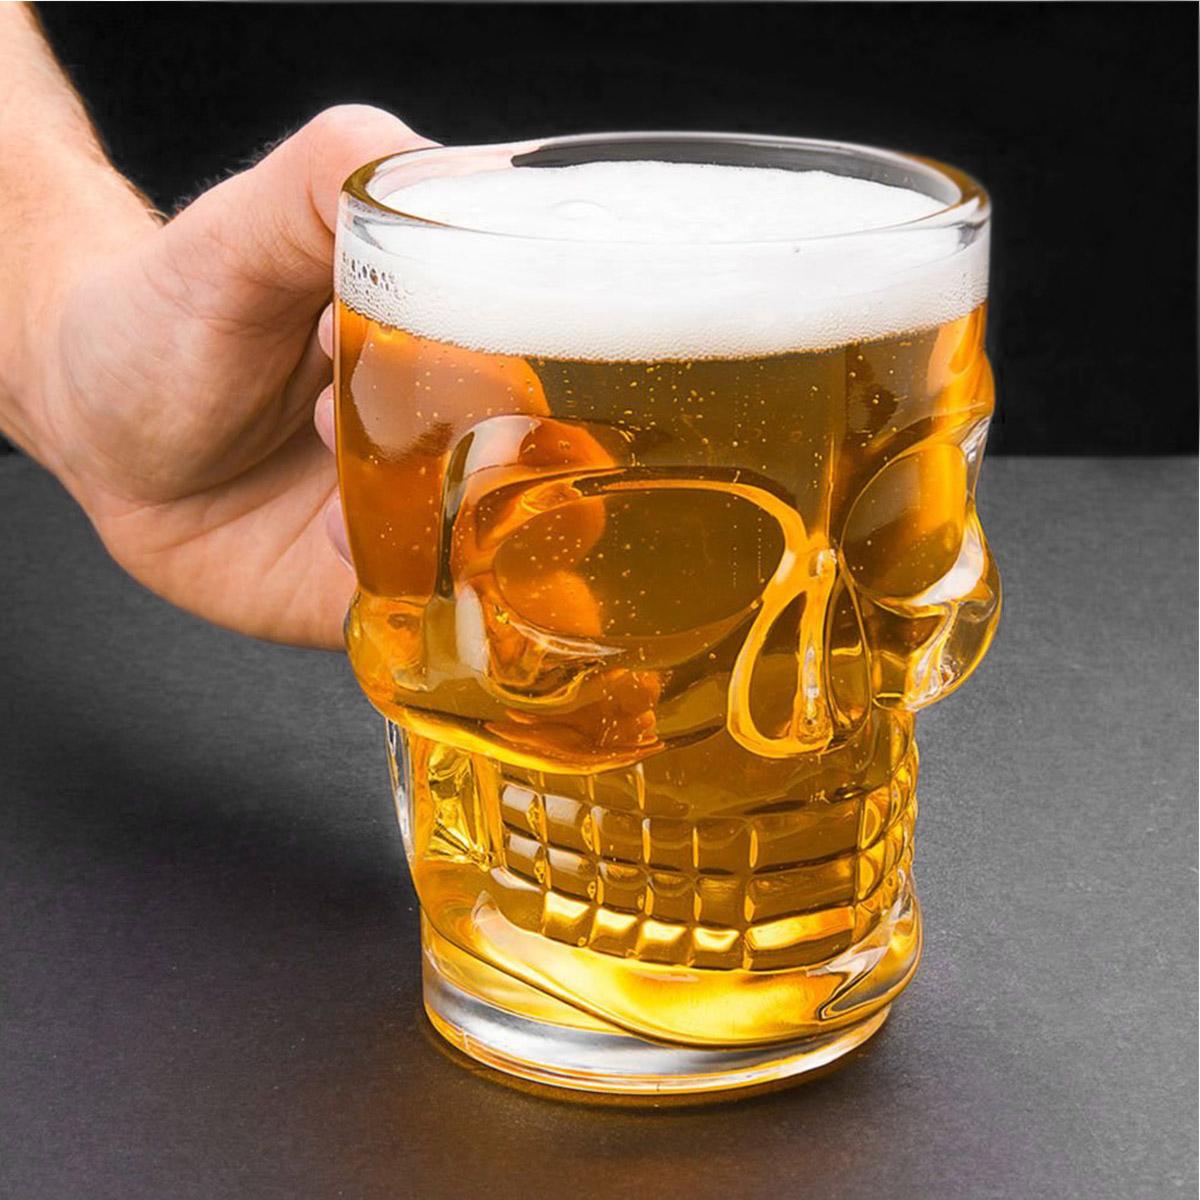 kit 2 Canecas Chopp cerveja + 6 copos de dose Caveira Viking  - Dragon Store